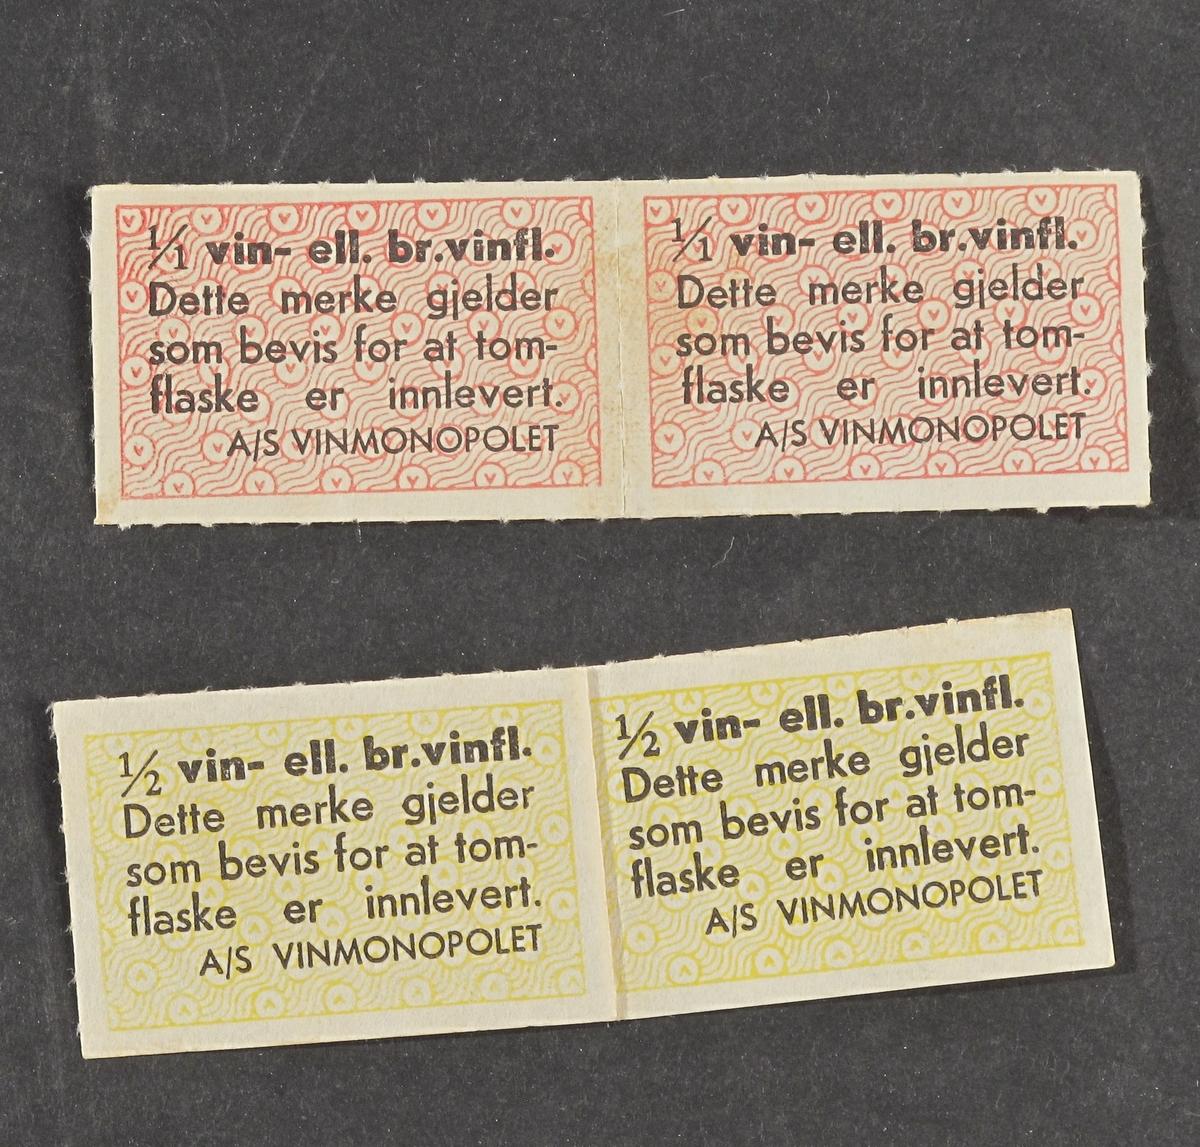 7   flaskemerker , fra krigens tid,  1940 -45.   Papir,  hver merke 2,6 x 4.  5 merker i rosa trykk med V merker og sort tekst:   1/1 vin eller br. vinfl.   Dette merke gjelder som bevis for   at tomflaske er innlevert.a/S Vinmonopolet.  2 tilsvarende merker for i vin eller brennevinsflasker.